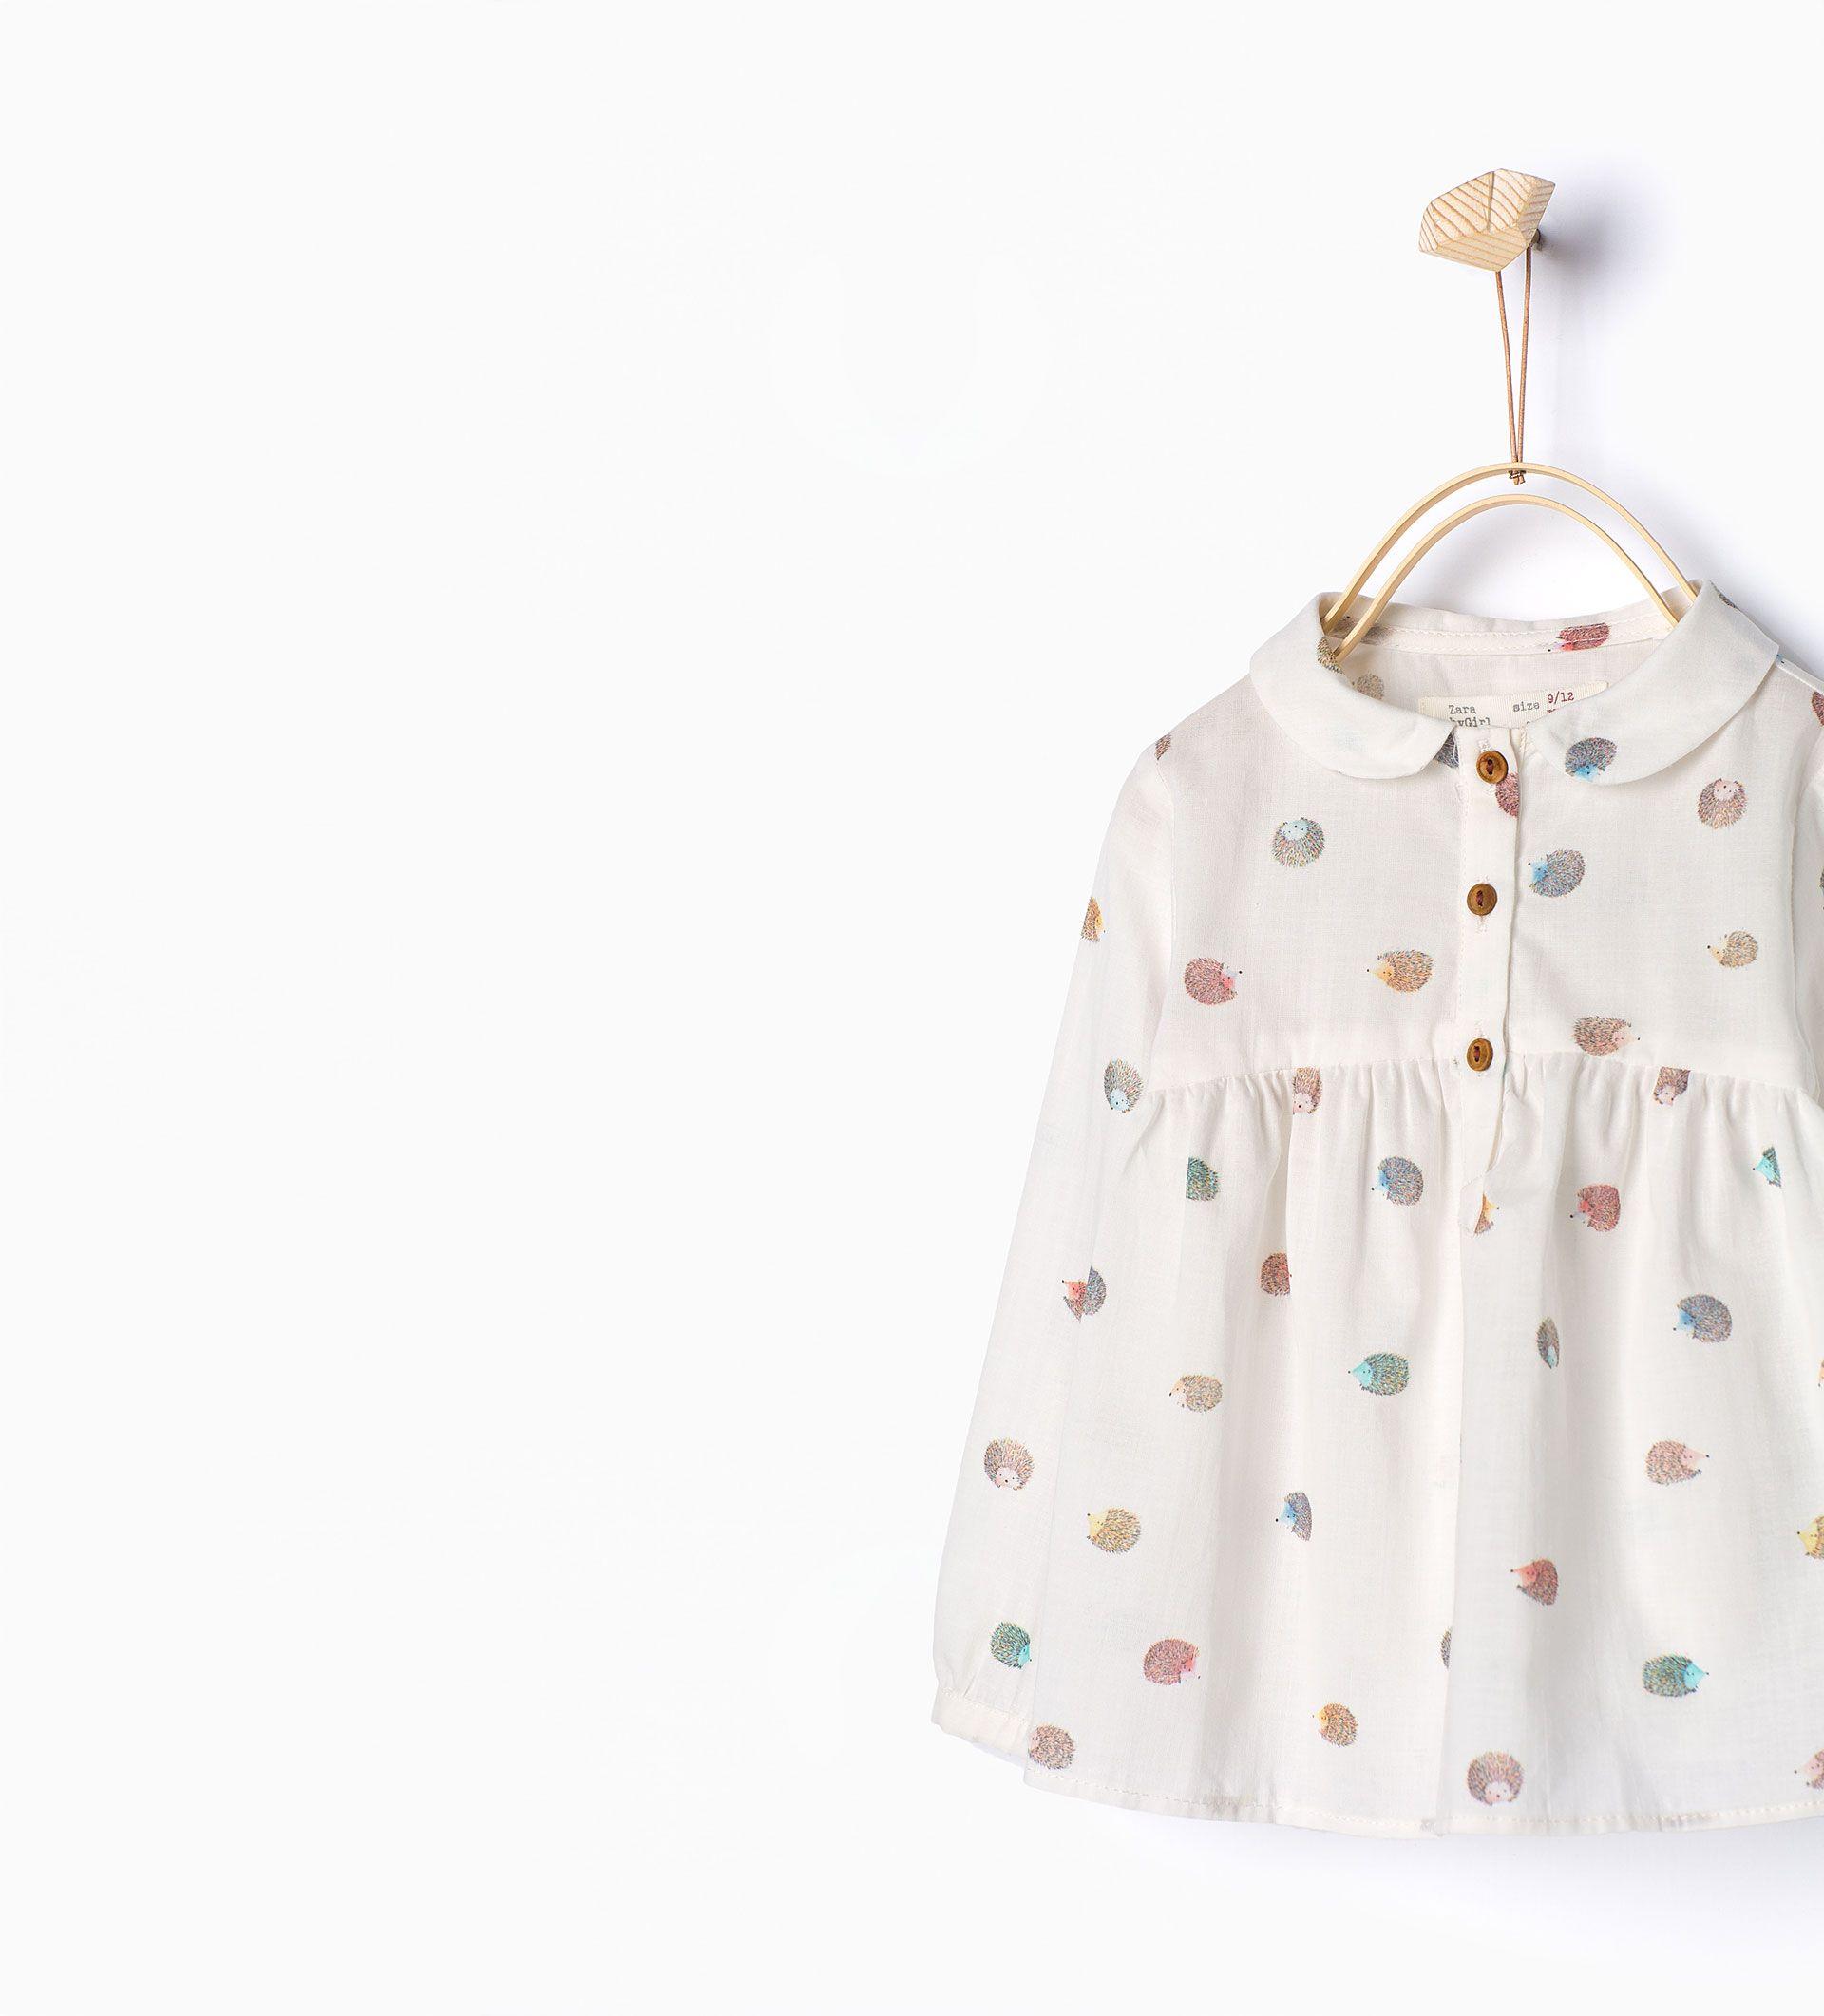 Chemise orné d'un motif de hérissons - Chemises et t - shirts - Bébé fille (3 mois - 4 ans) - ENFANTS | ZARA France